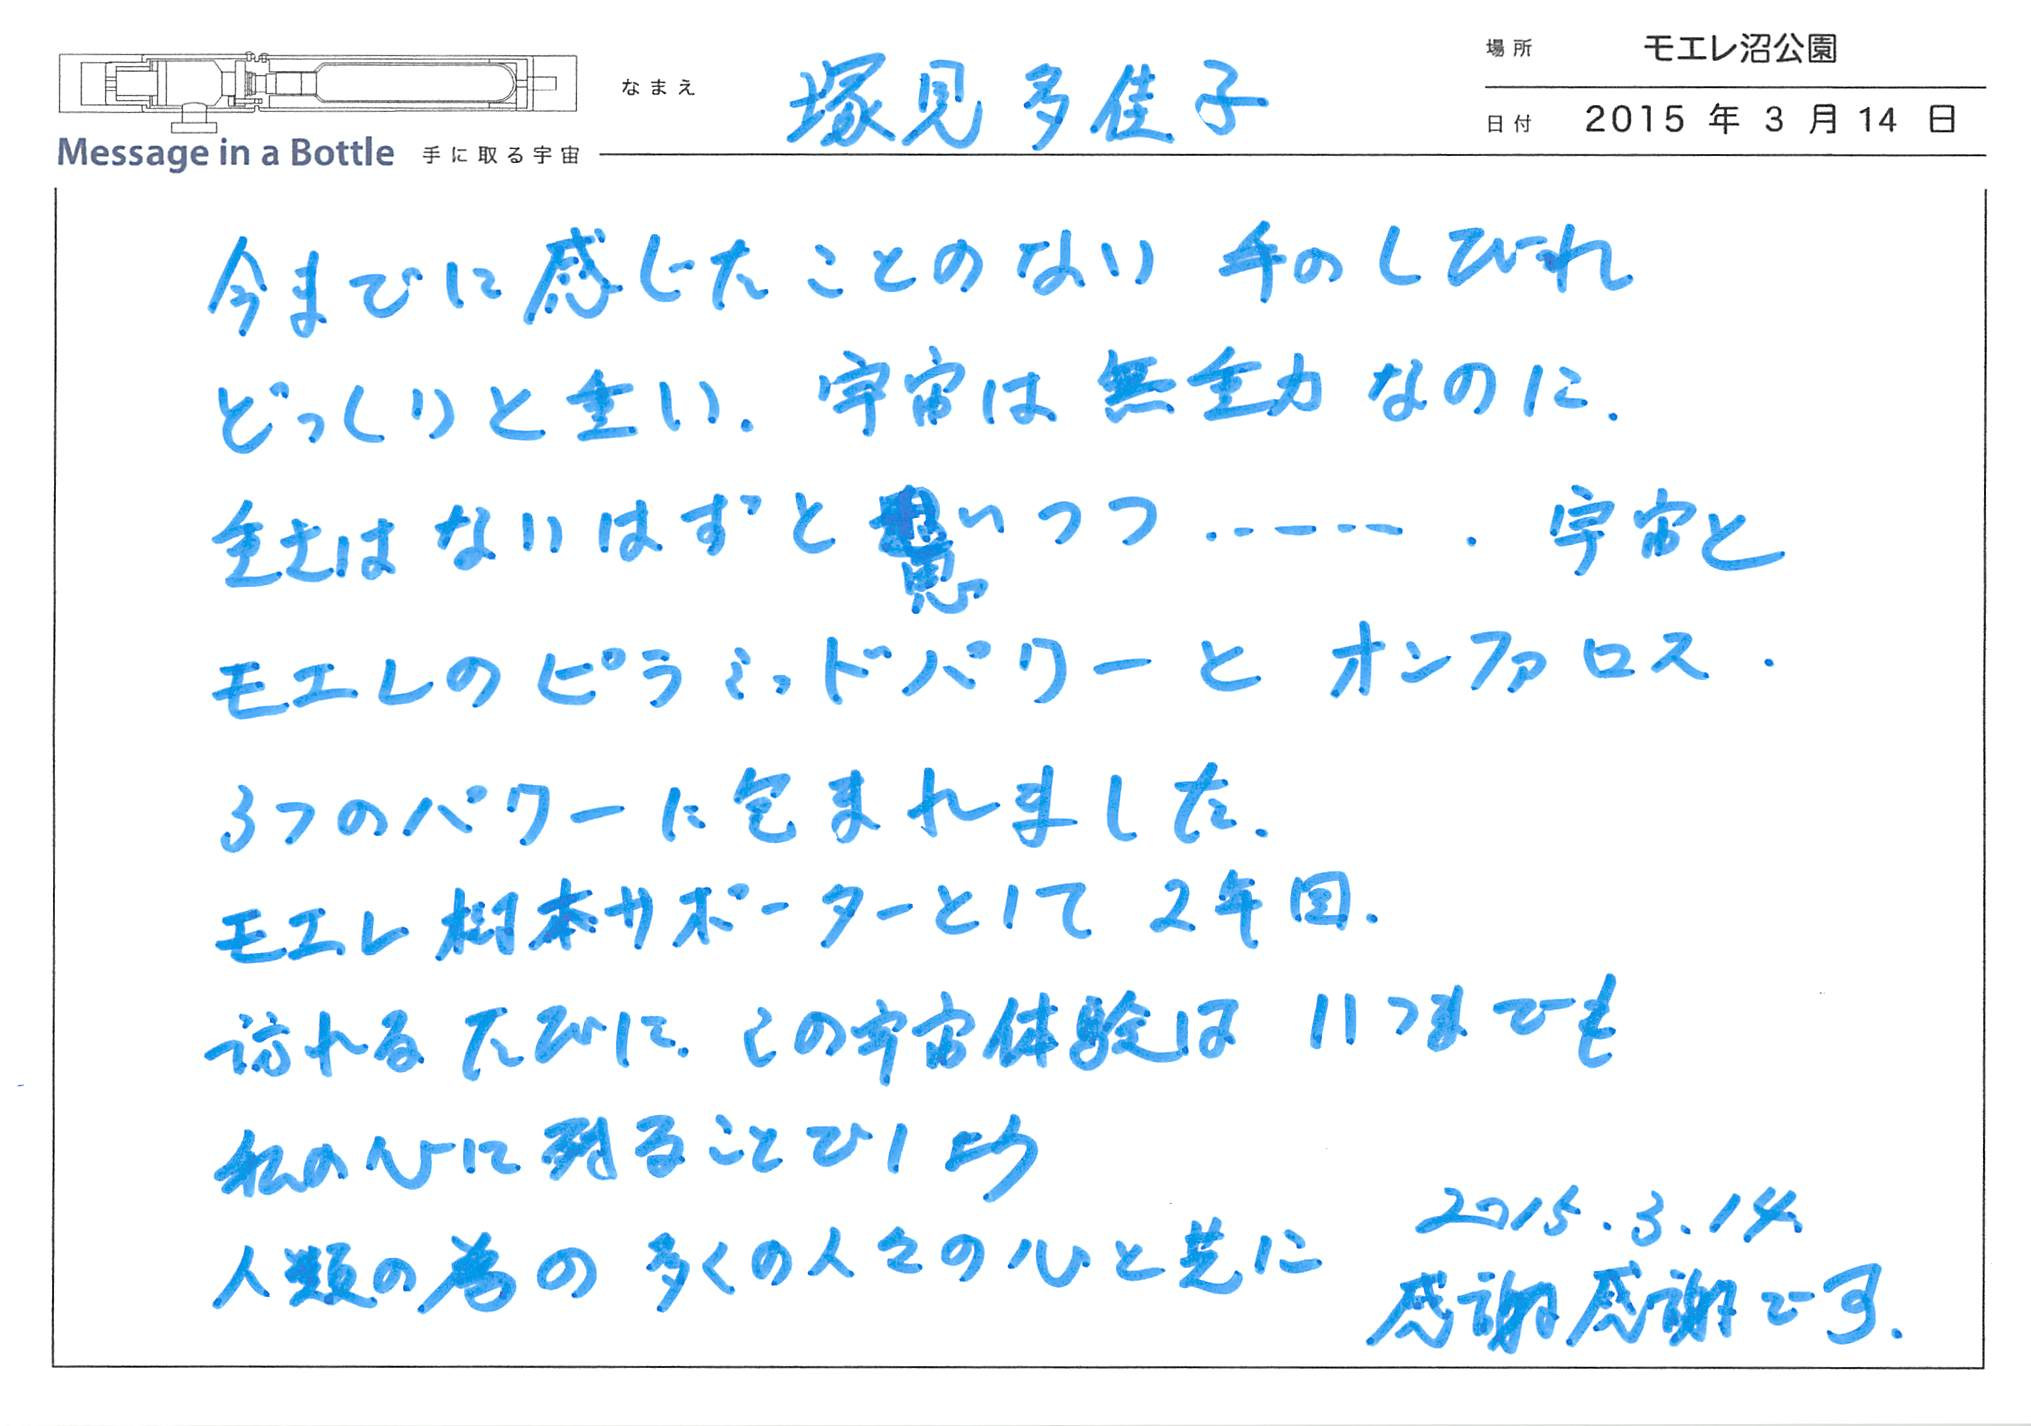 2015-03-14-18-08-40.jpg